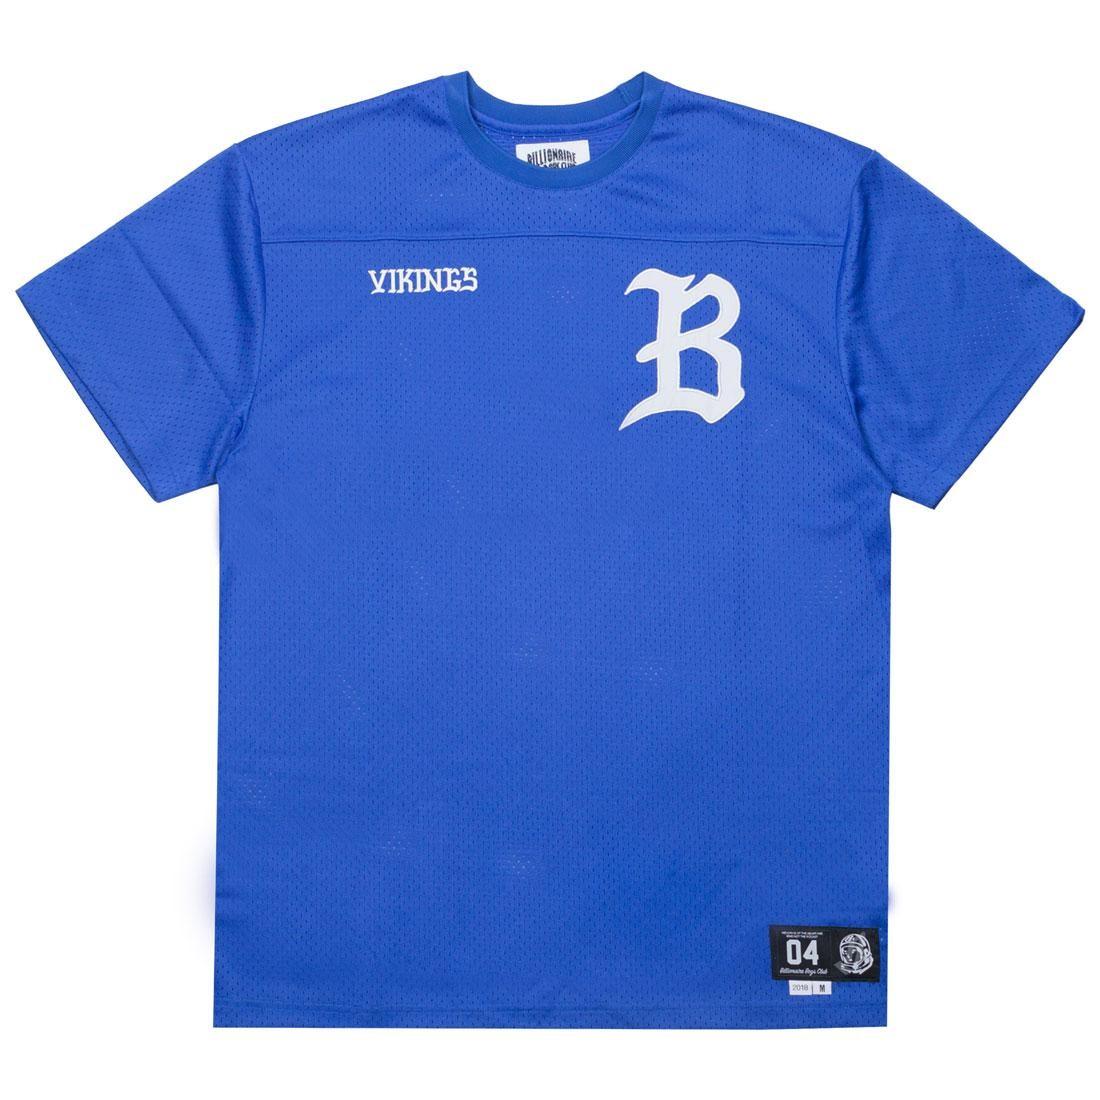 【スーパーセール中! 6/11深夜2時迄】ビリオネアボーイズクラブ BILLIONAIRE BOYS CLUB ニット Tシャツ メンズファッション トップス カットソー メンズ 【 Men Starter Knit Tee (blue / Dazzling) 】 Blue / Dazzling